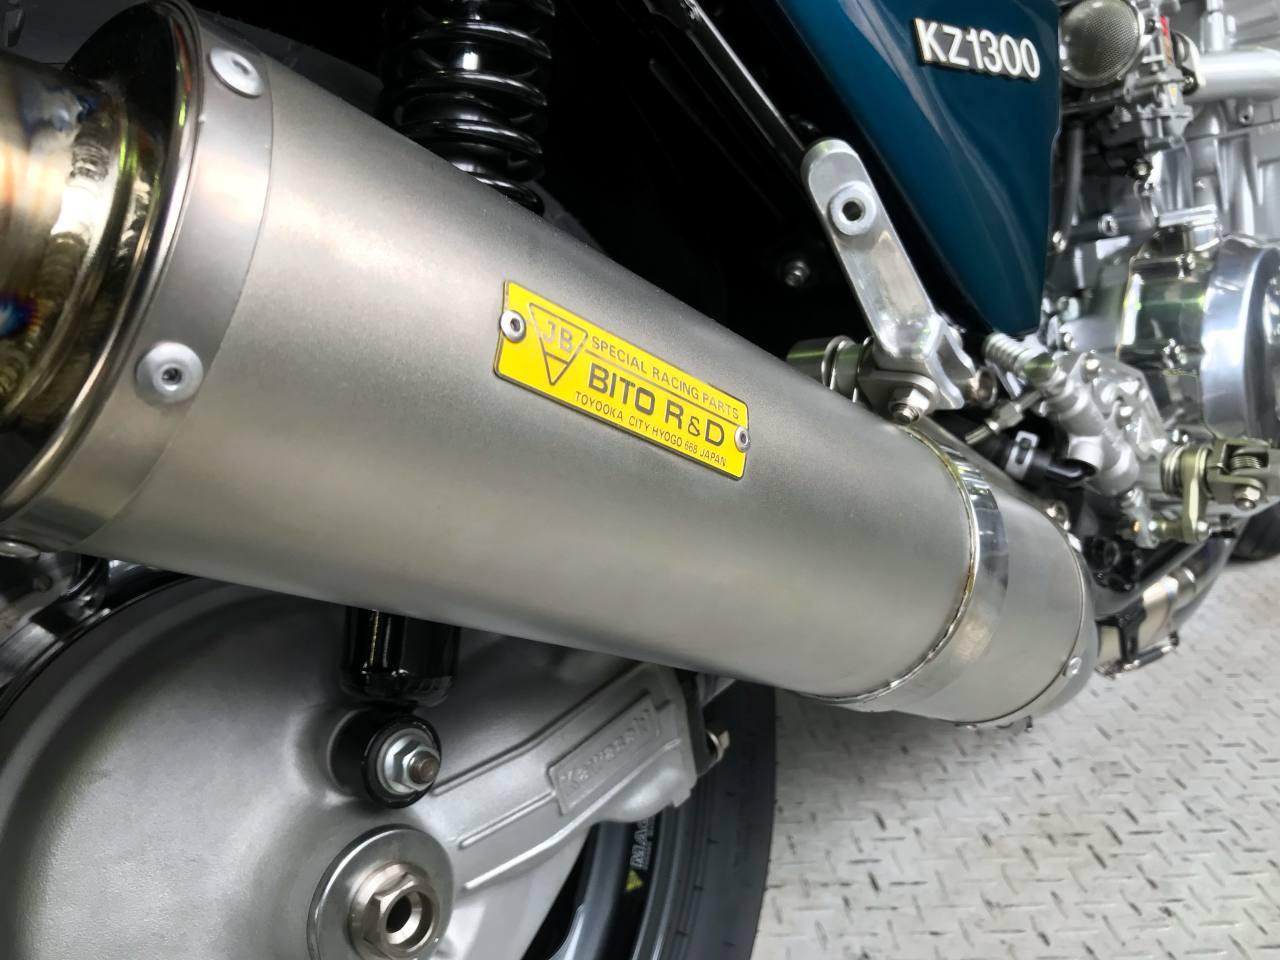 Z1300 サイレンサー